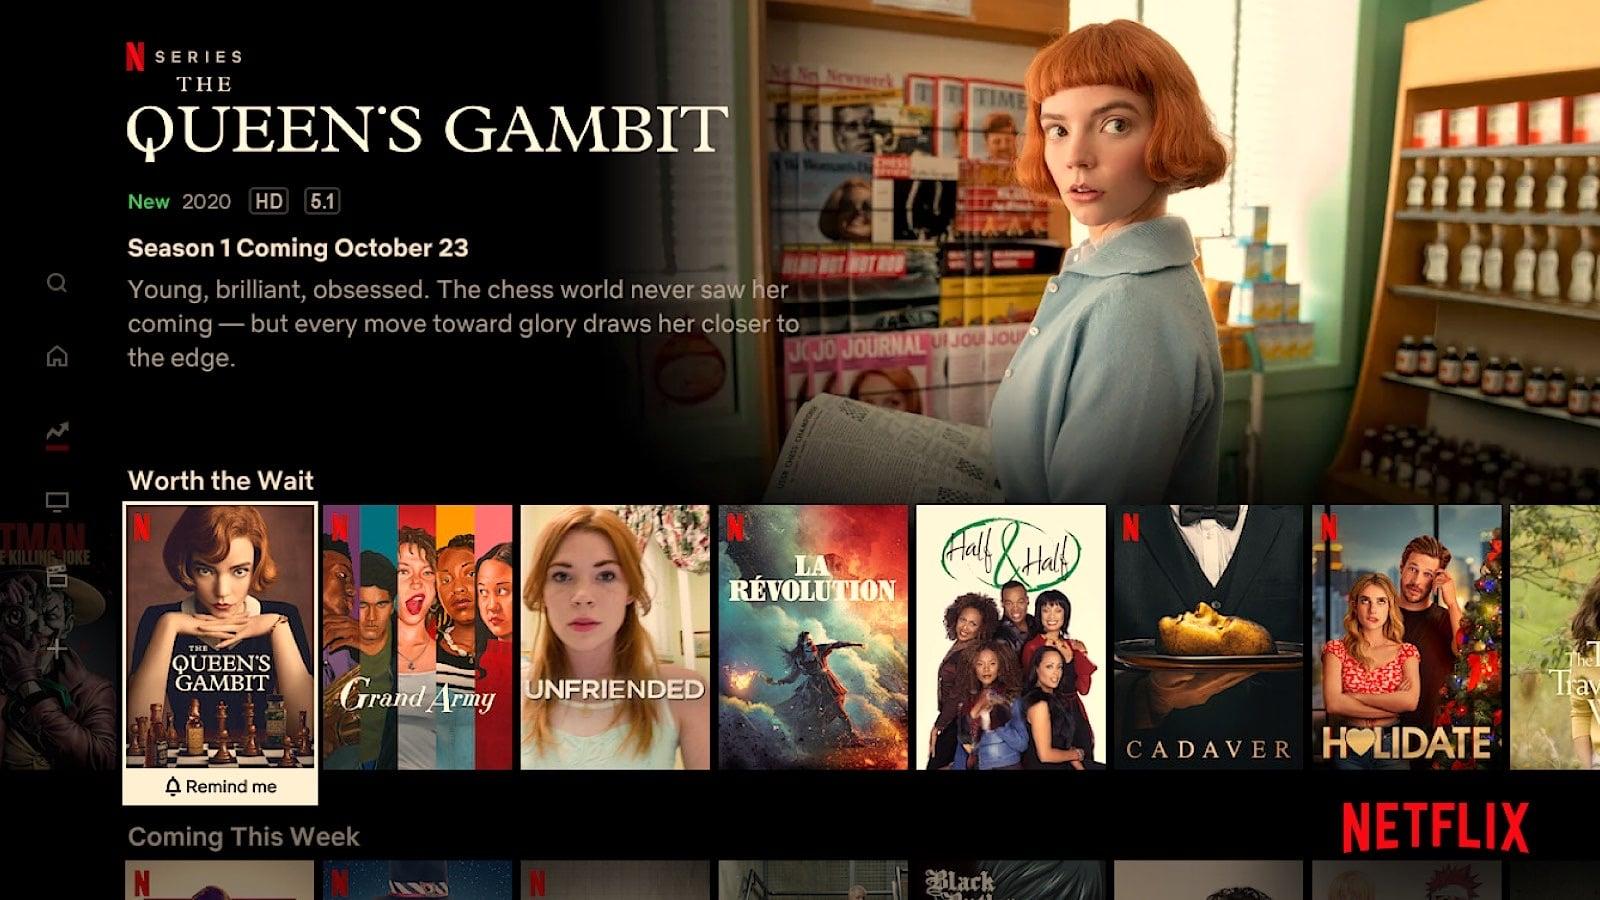 """""""Worth the Wait"""" in Netflix"""